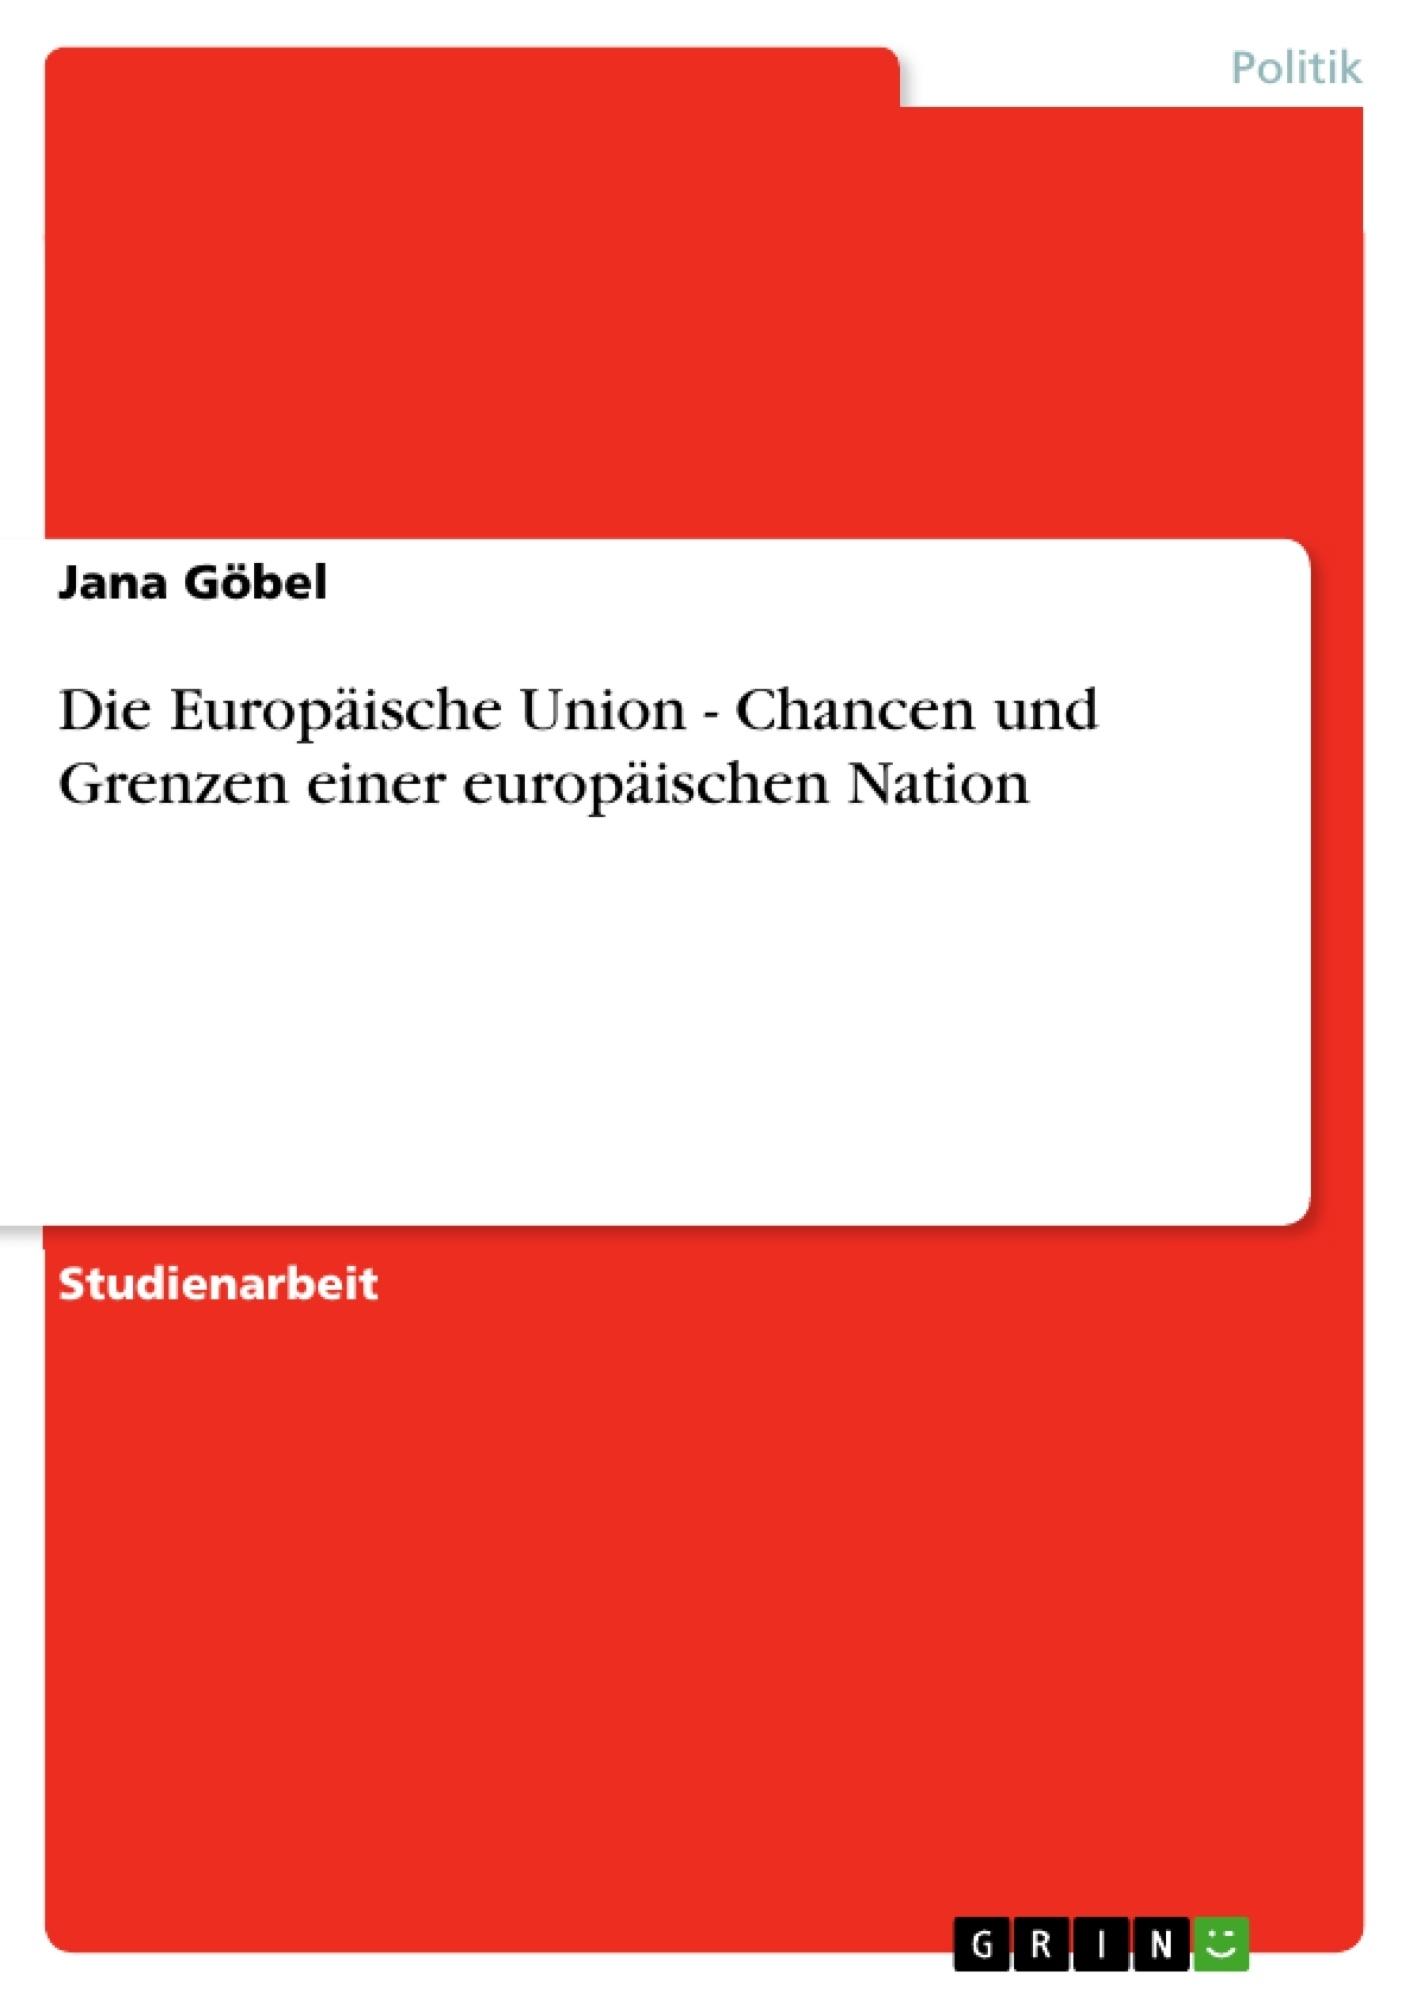 Titel: Die Europäische Union - Chancen und Grenzen einer europäischen Nation